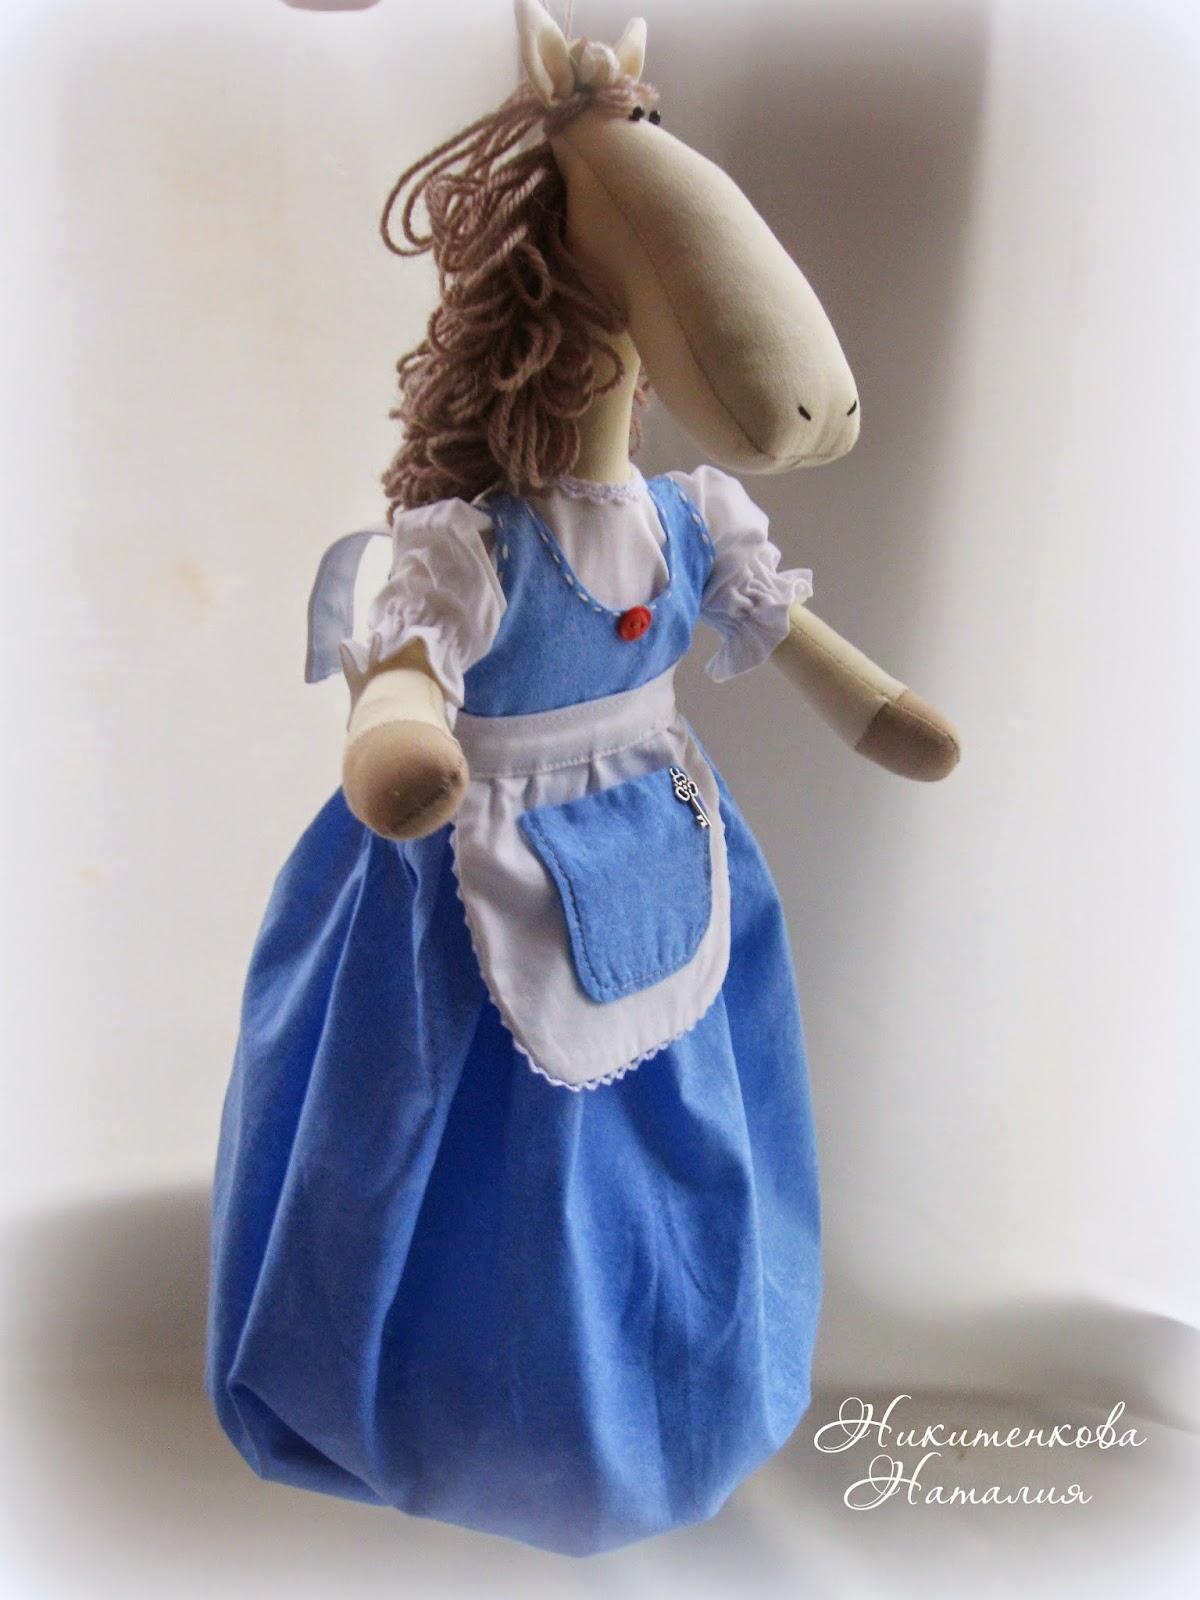 Лошадь пакетница, кукла-пакетница, пакетница, на кухню